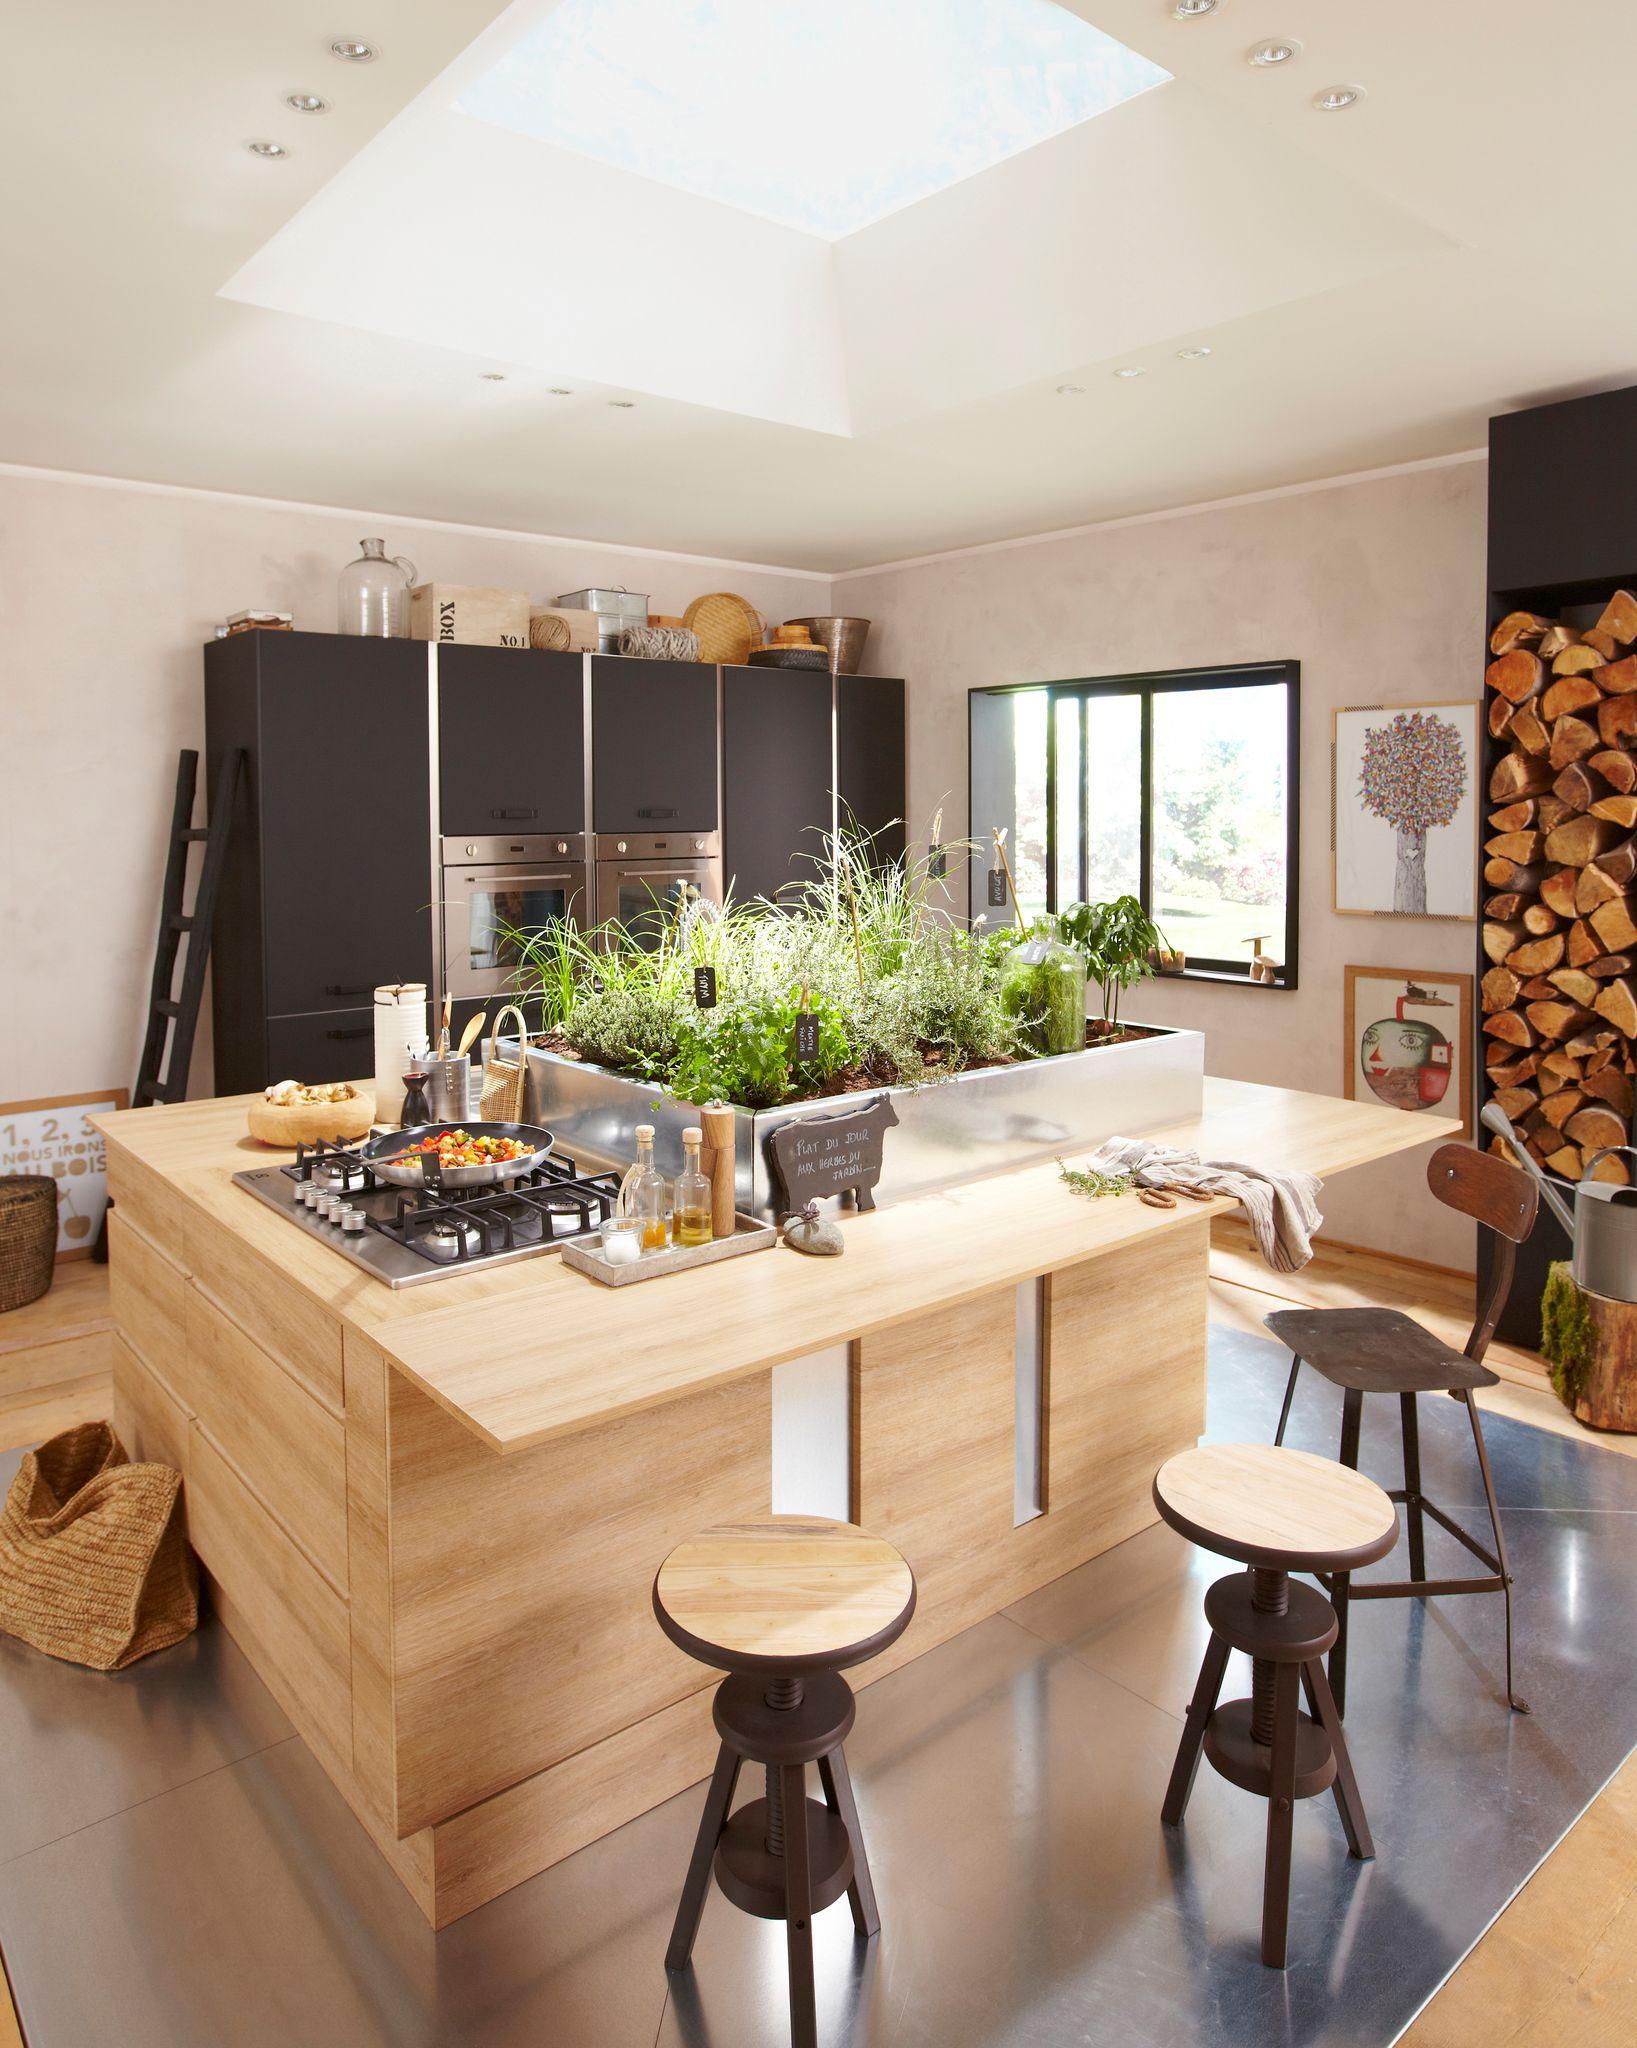 19 mani res d 39 inviter le bois dans une cuisine des id es. Black Bedroom Furniture Sets. Home Design Ideas